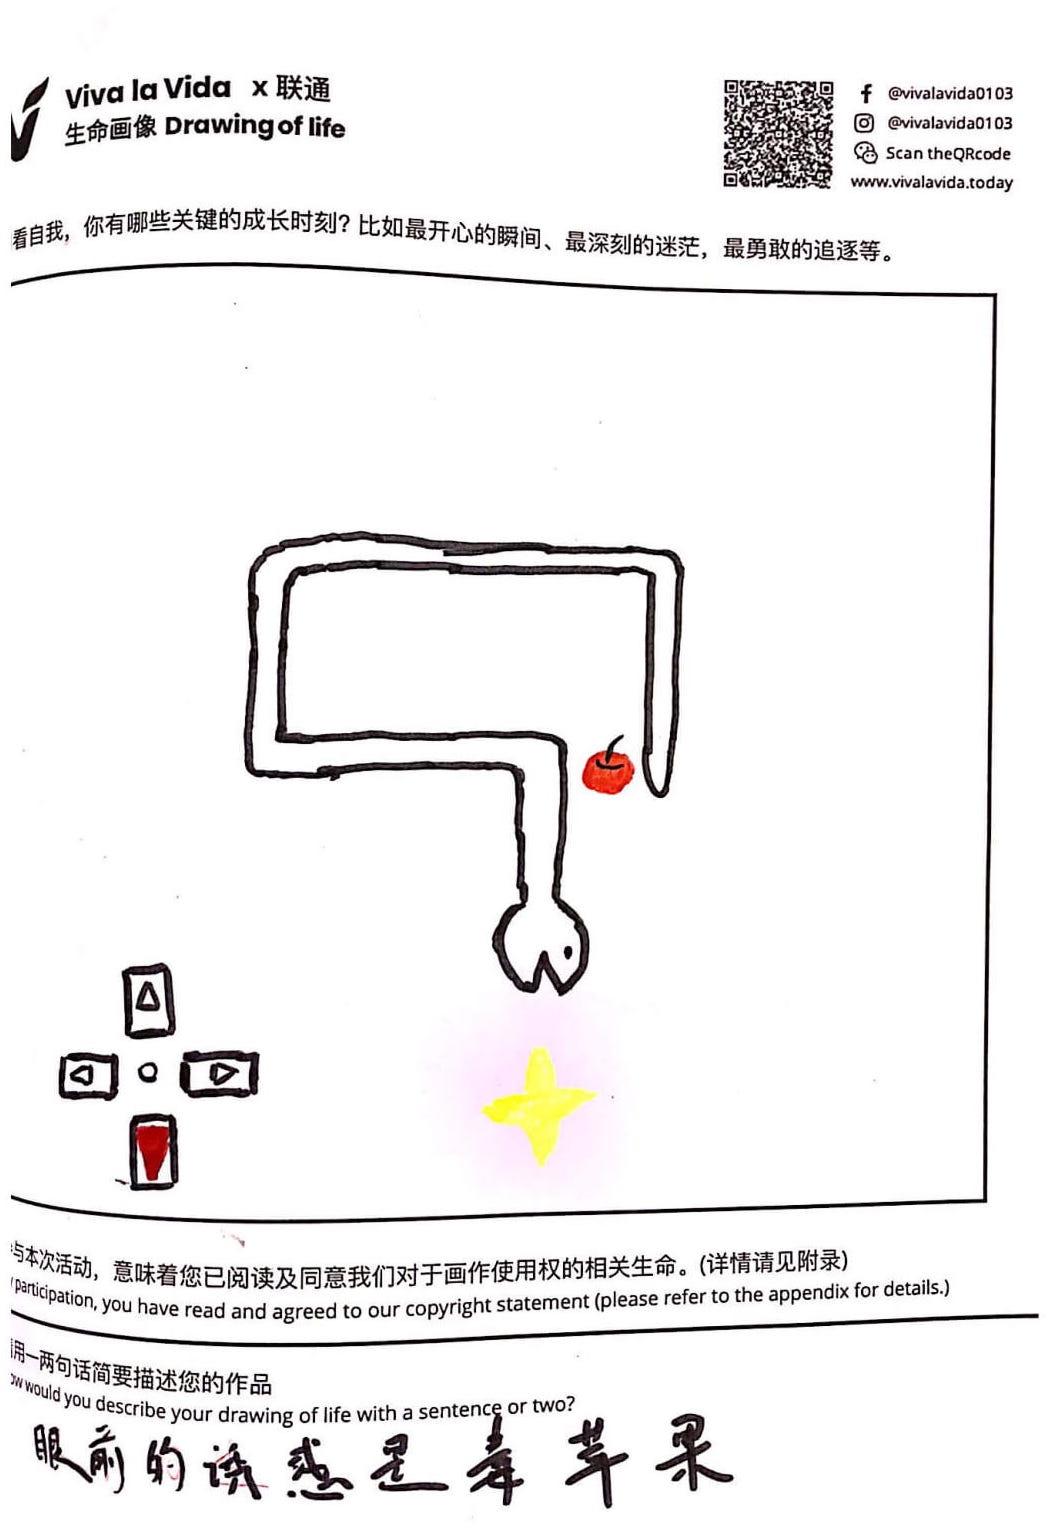 联通50画_20190107210658-08